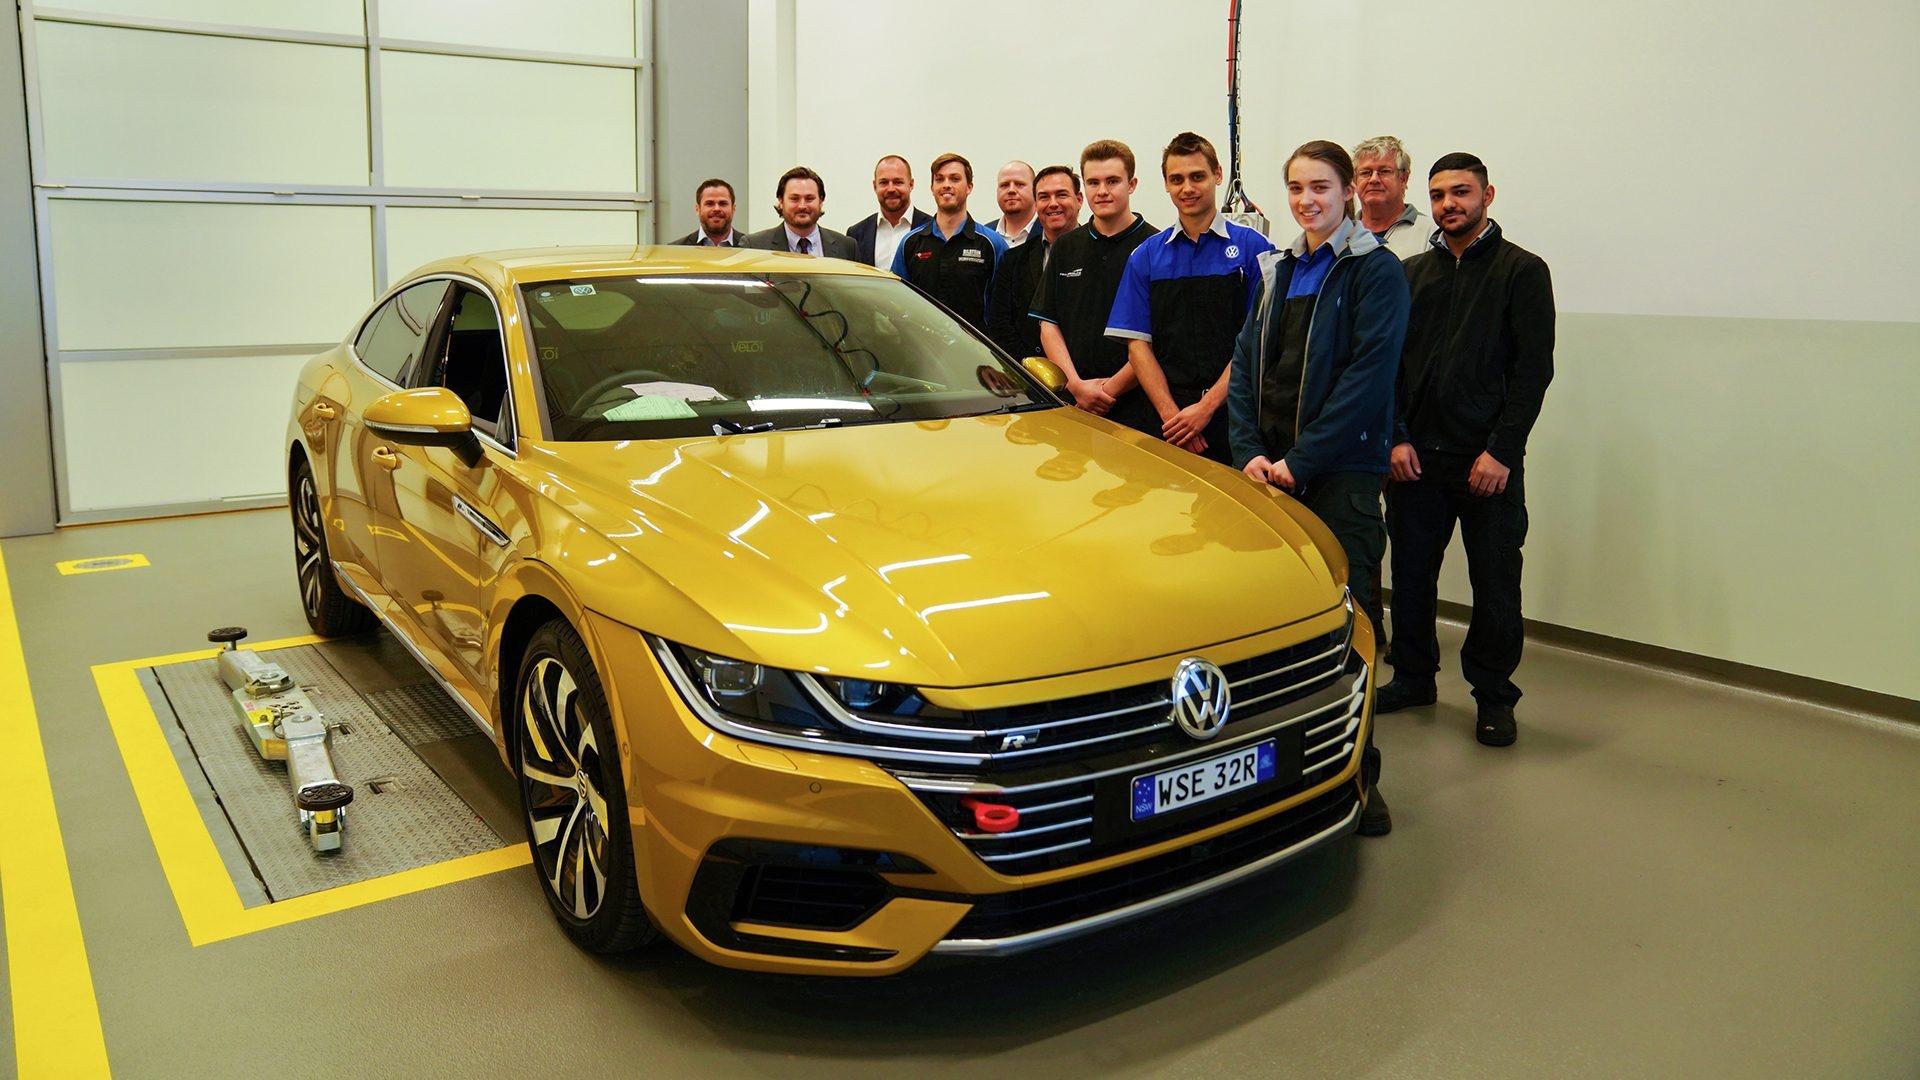 Volkswagen Apprentices